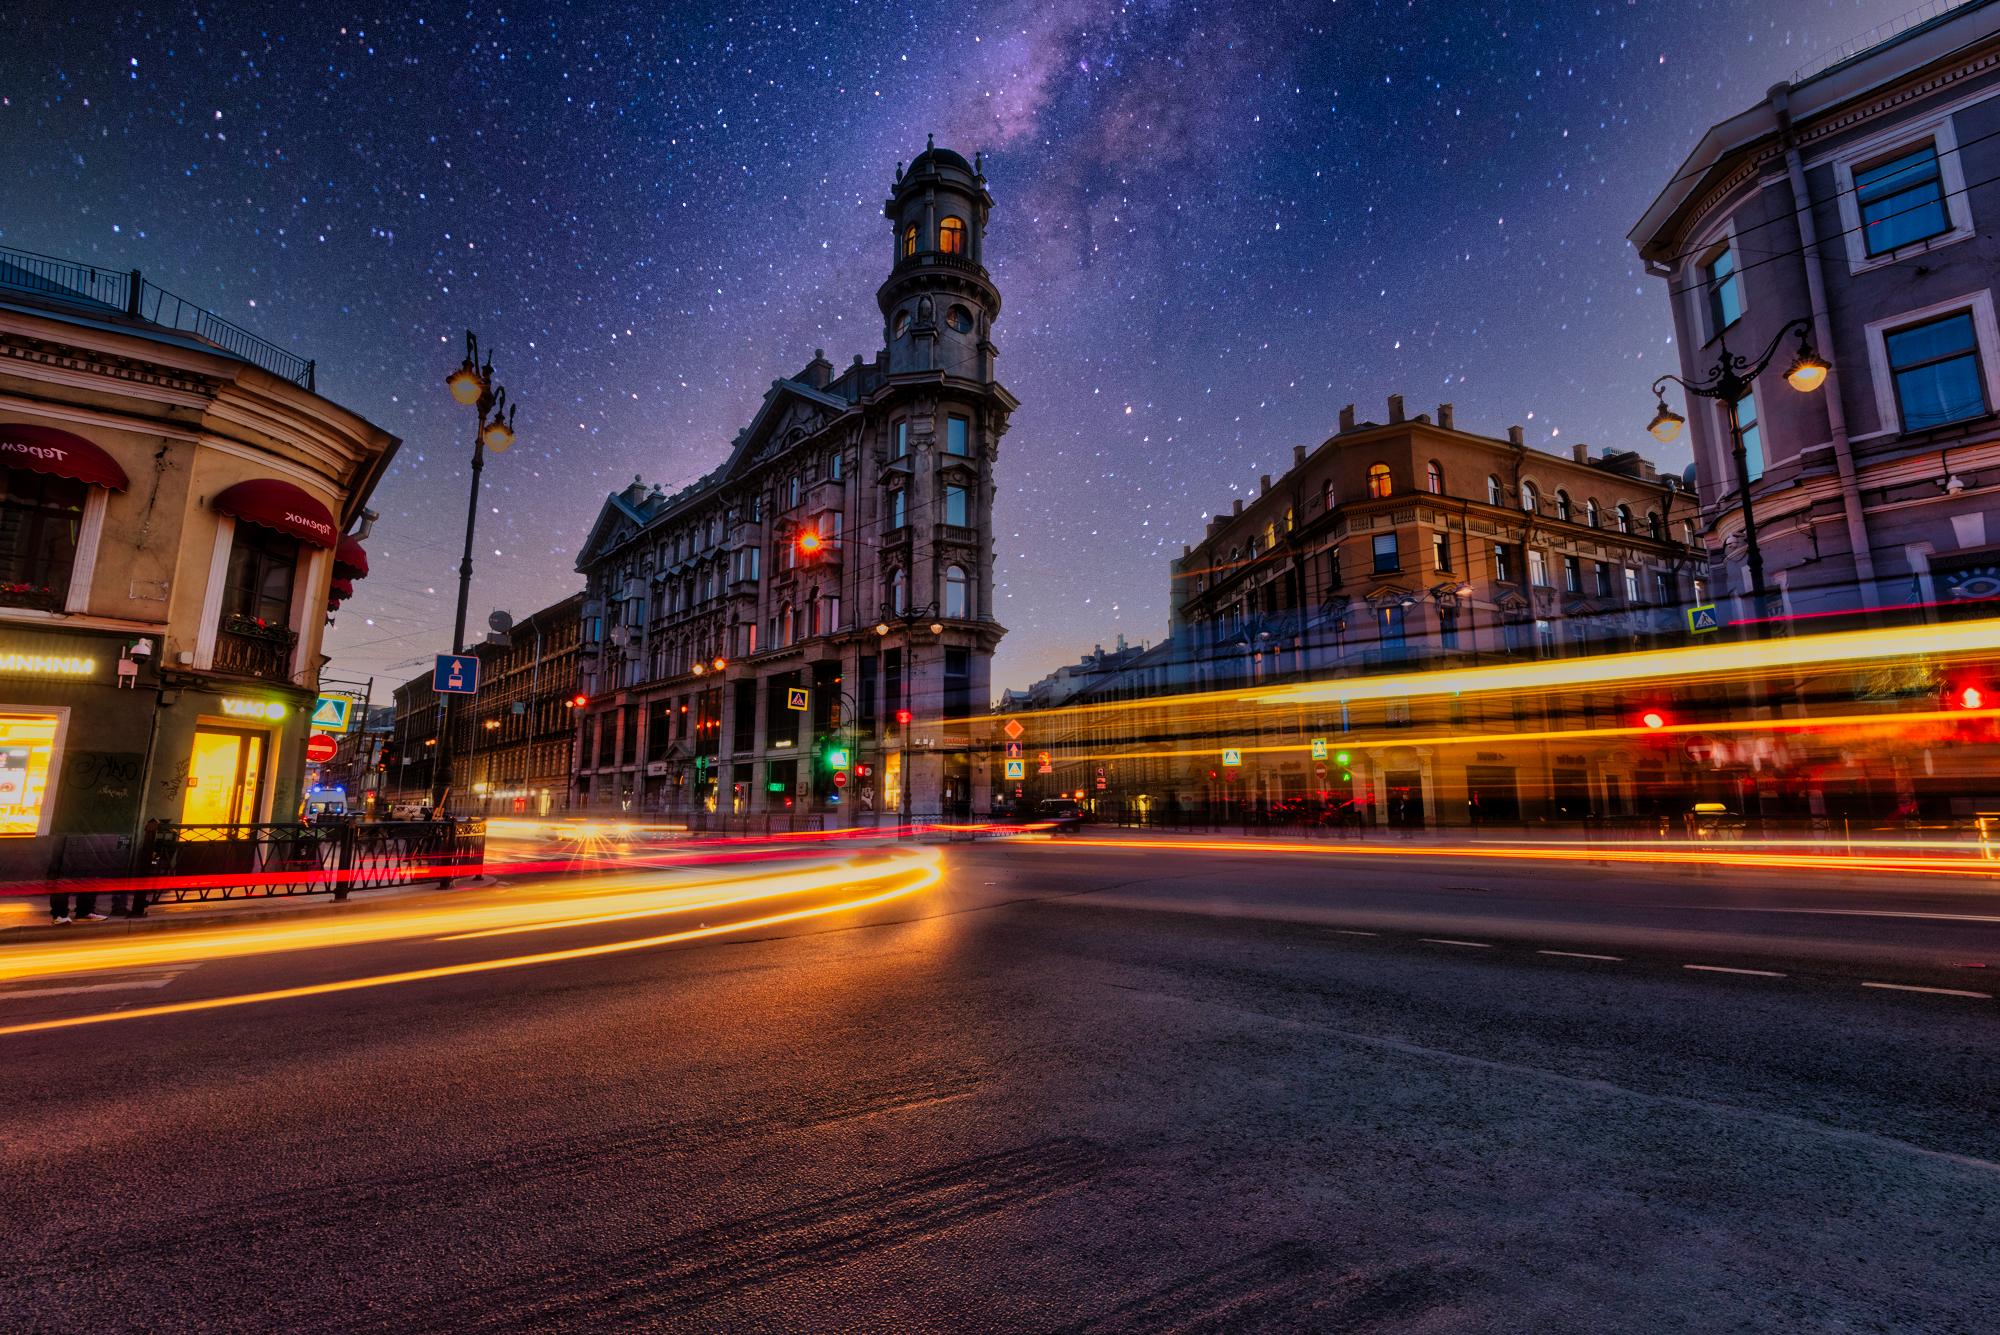 Light Night Traffic Urban 2000x1335